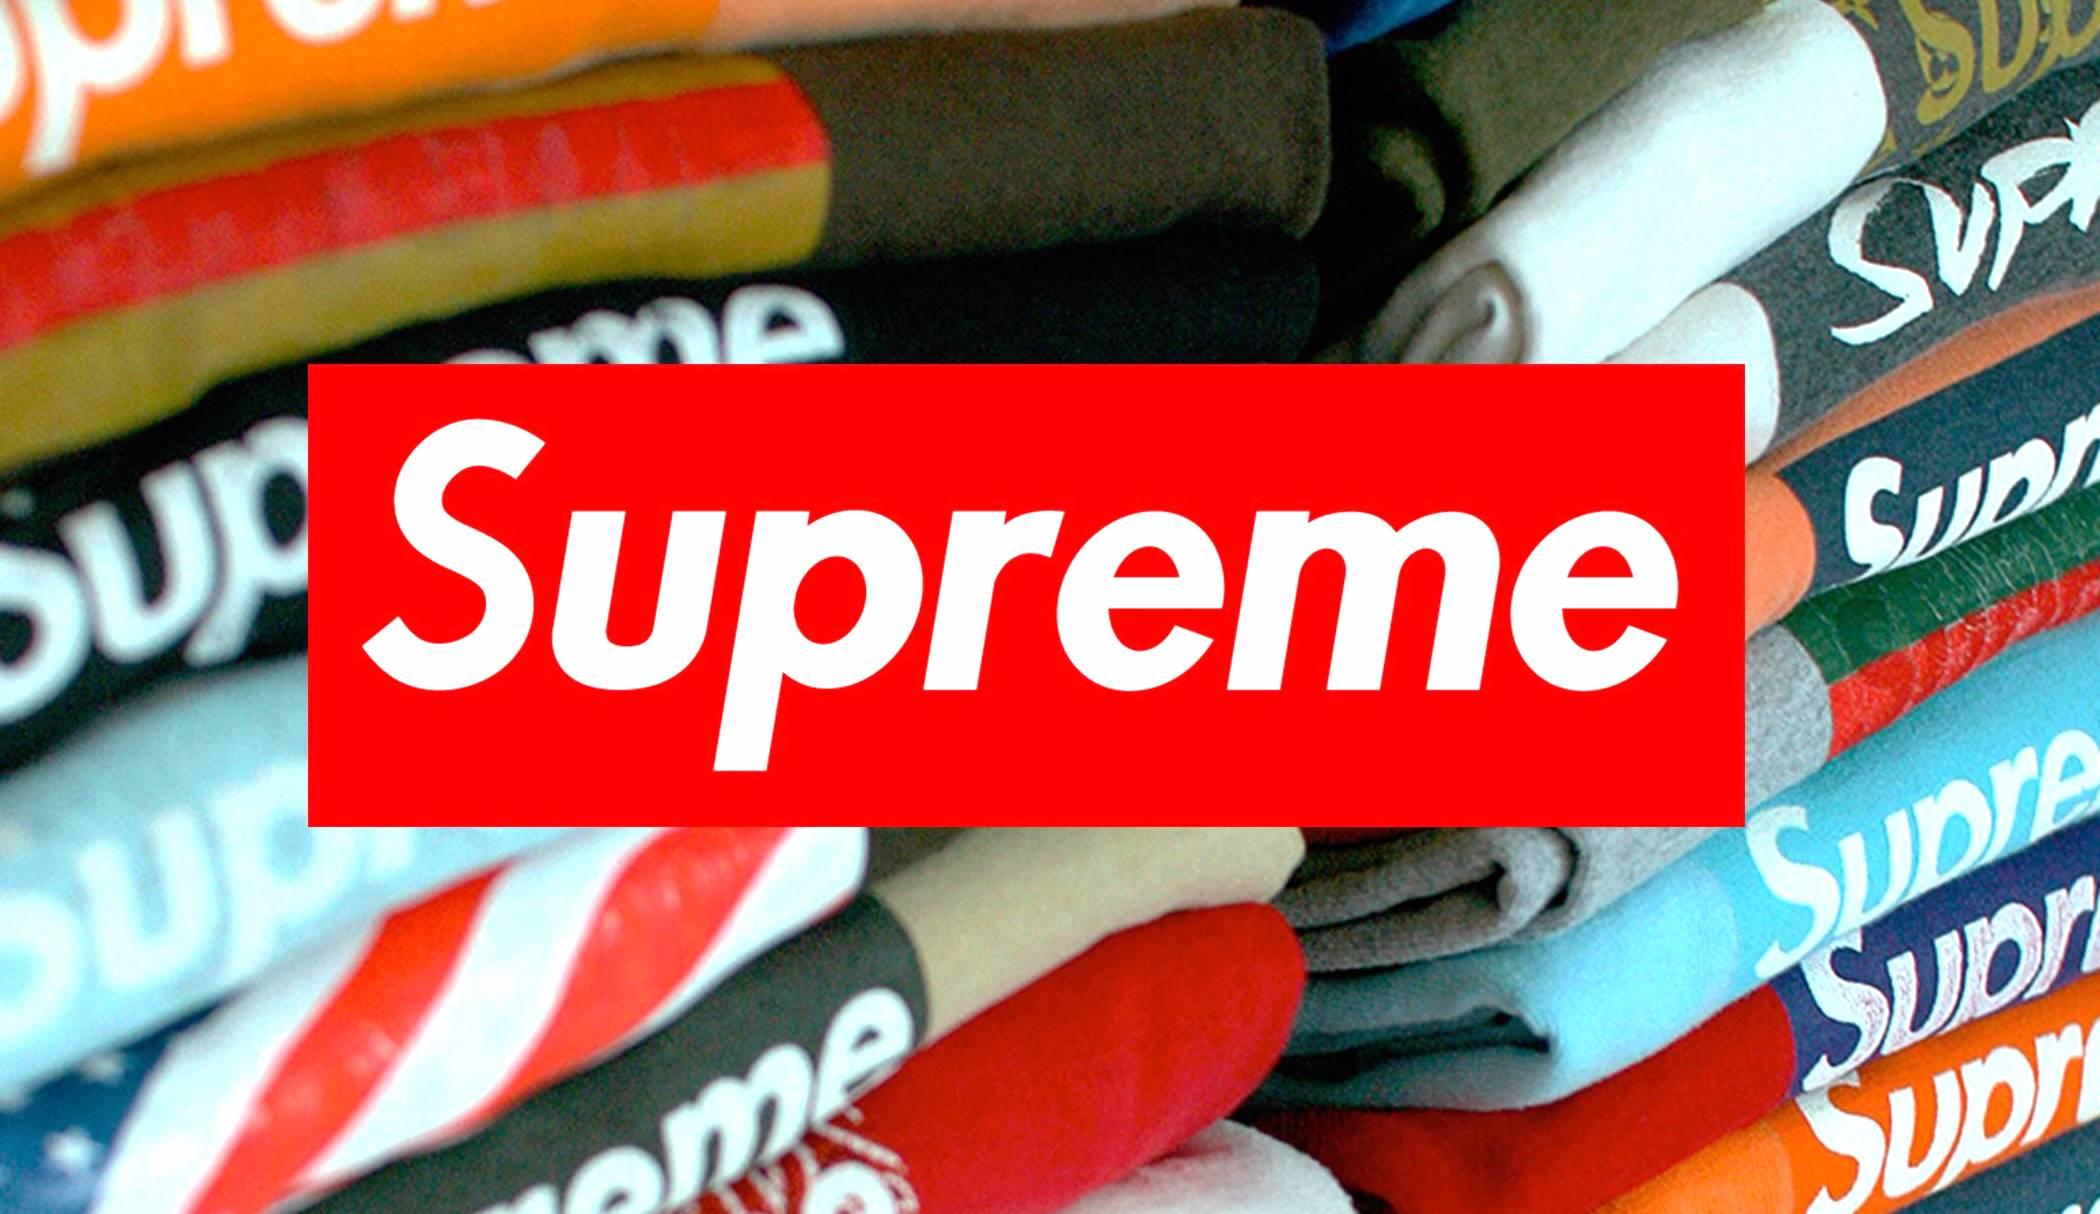 supremeとはのイメージ画像